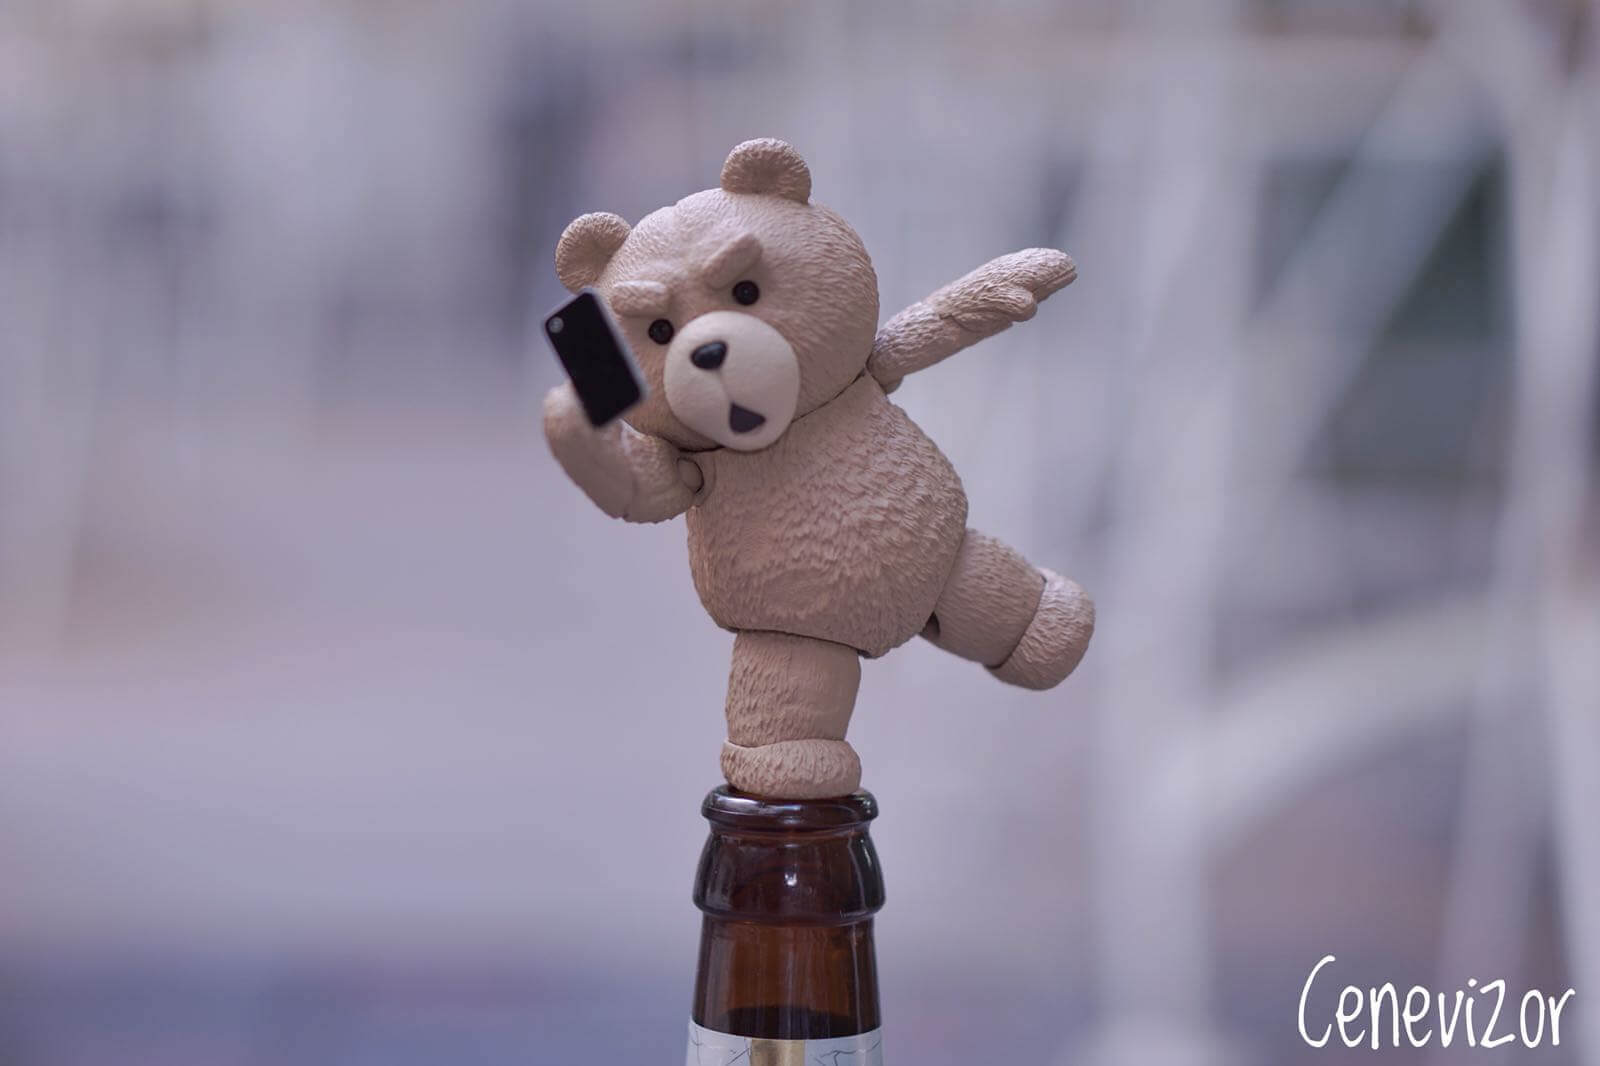 türkiyede oyuncak fotoğrafçılığı